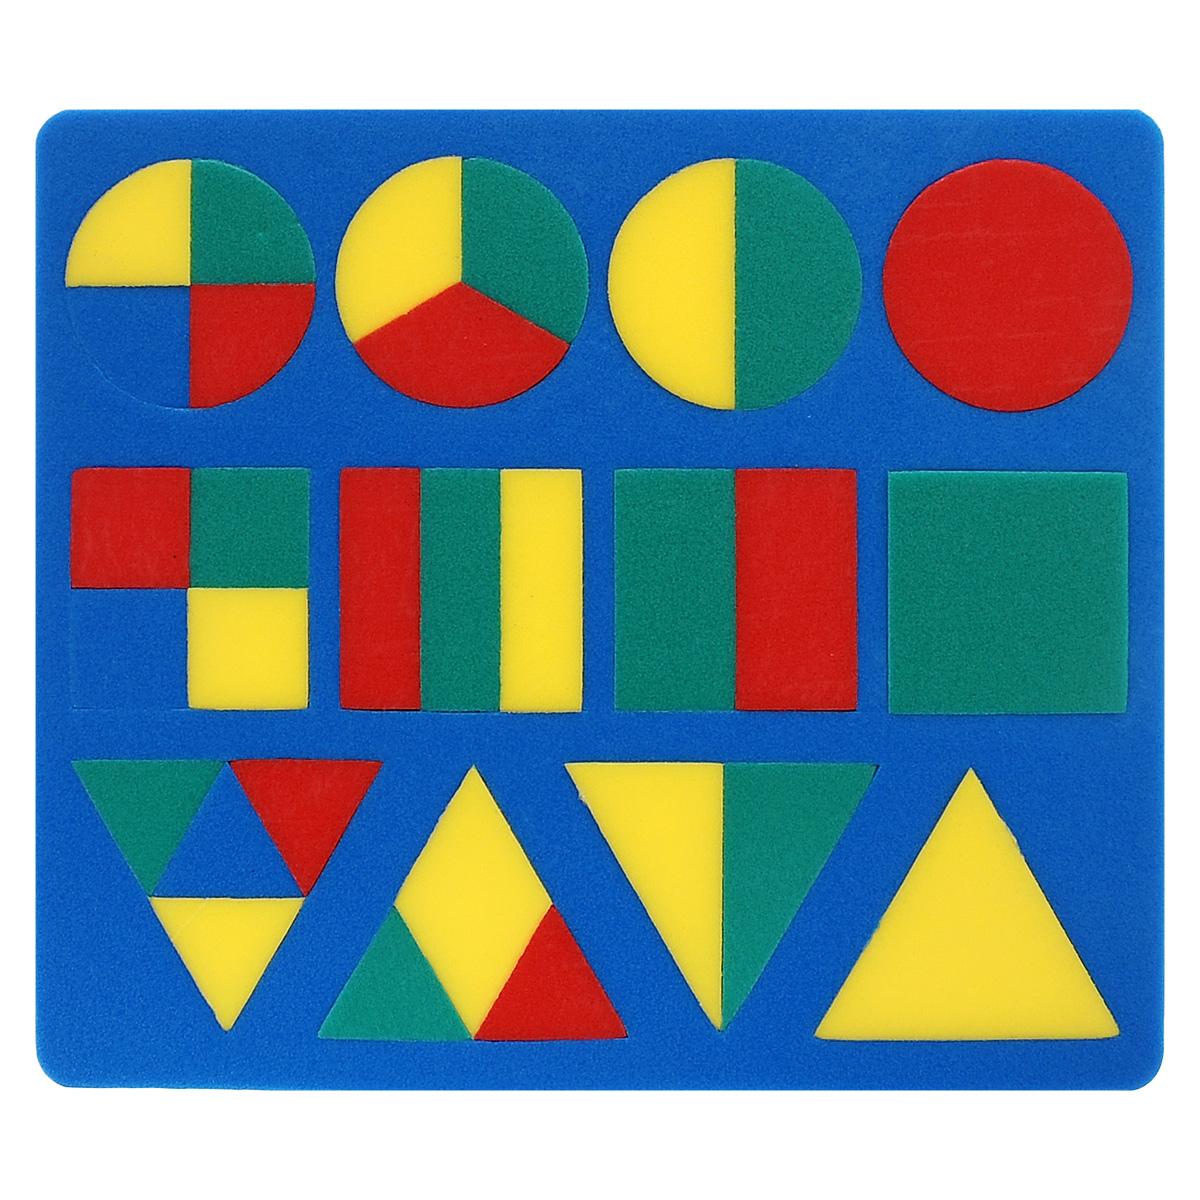 Мягкая мозаика Геометрия, цвет основы: синий45319_синийМягкая мозаика Геометрия станет для вашего малыша приятным сюрпризом. С ее помощью ребенок в увлекательной форме познакомится с основными геометрическими фигурами, научится различать их по внешним признакам. Изготовленная из современного, легкого, эластичного, прочного материала, который обеспечивает большую долговечность, мозаика является абсолютно безопасной для детей. Мозаика настолько универсальна и практична, что с ней можно играть практически везде. Кроме того, благодаря особой структуре материала и свойству прилипать к мокрой поверхности, она является идеальной игрушкой для ванны и сделает процесс купания приятной забавой для ребенка. Данная мозаика способствует развитию у ребенка мелкой моторики, образного и логического мышления, а также наблюдательности и фантазии.